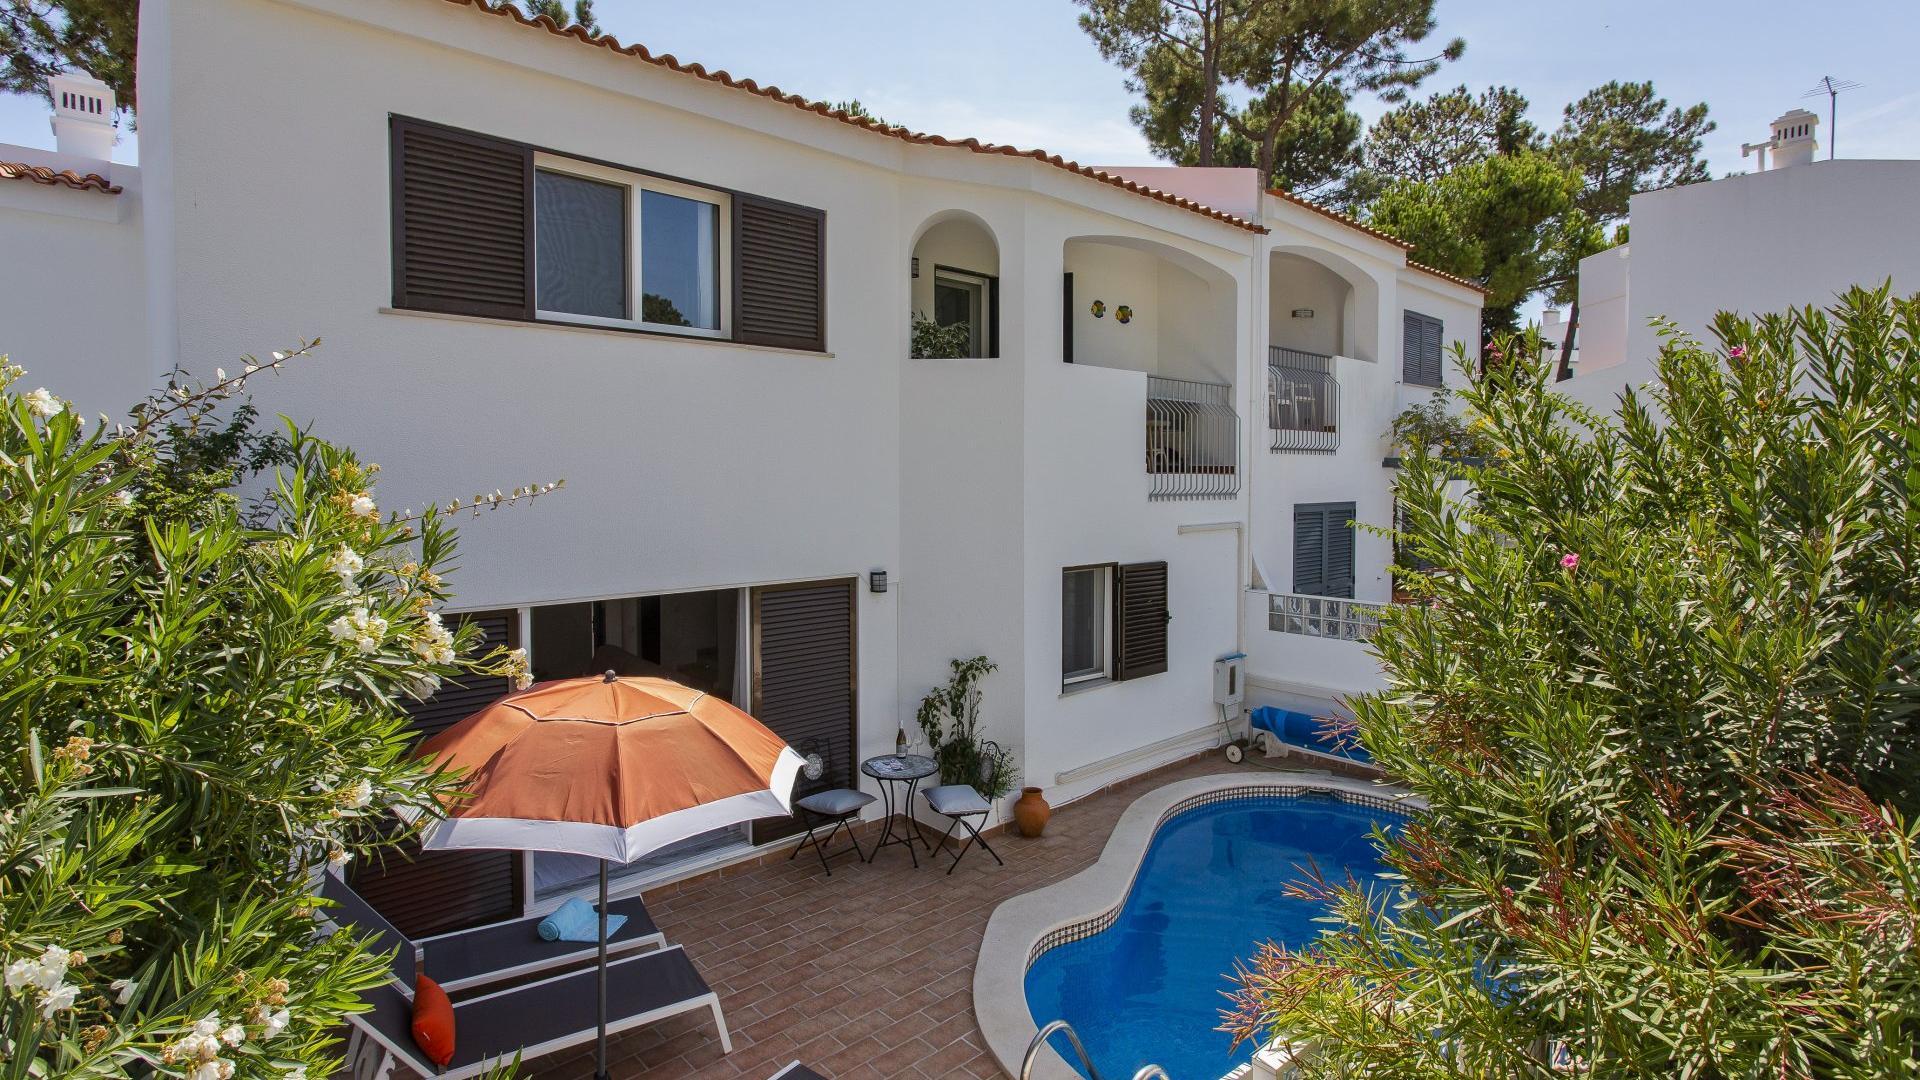 Villa Saúde - Vale do Lobo, Algarve - Villa_Rosemary_Exterior_1.jpg